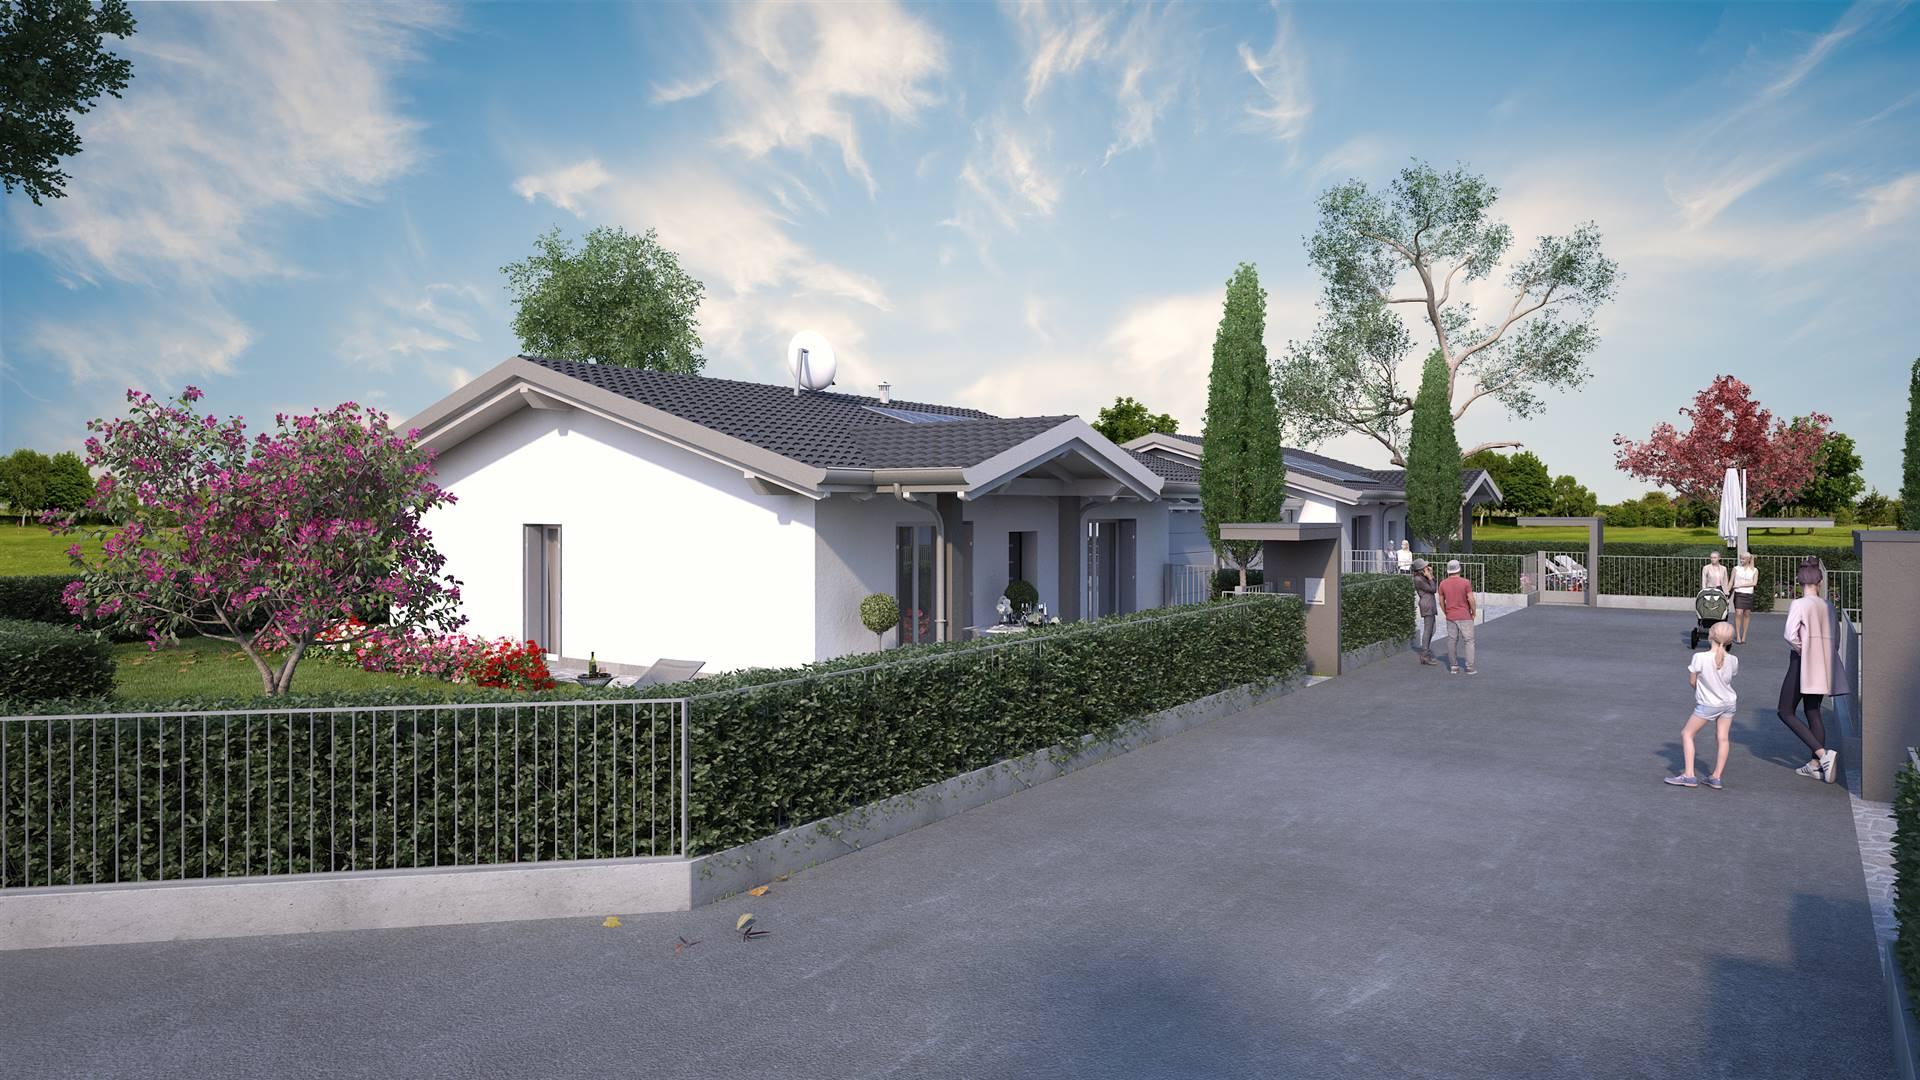 La tua casa perfetta a Ghisalba! Se cerchi eleganza, atmosfera, confort, modernità e sicurezza è in realizzazione una speciale villa bifamiliare